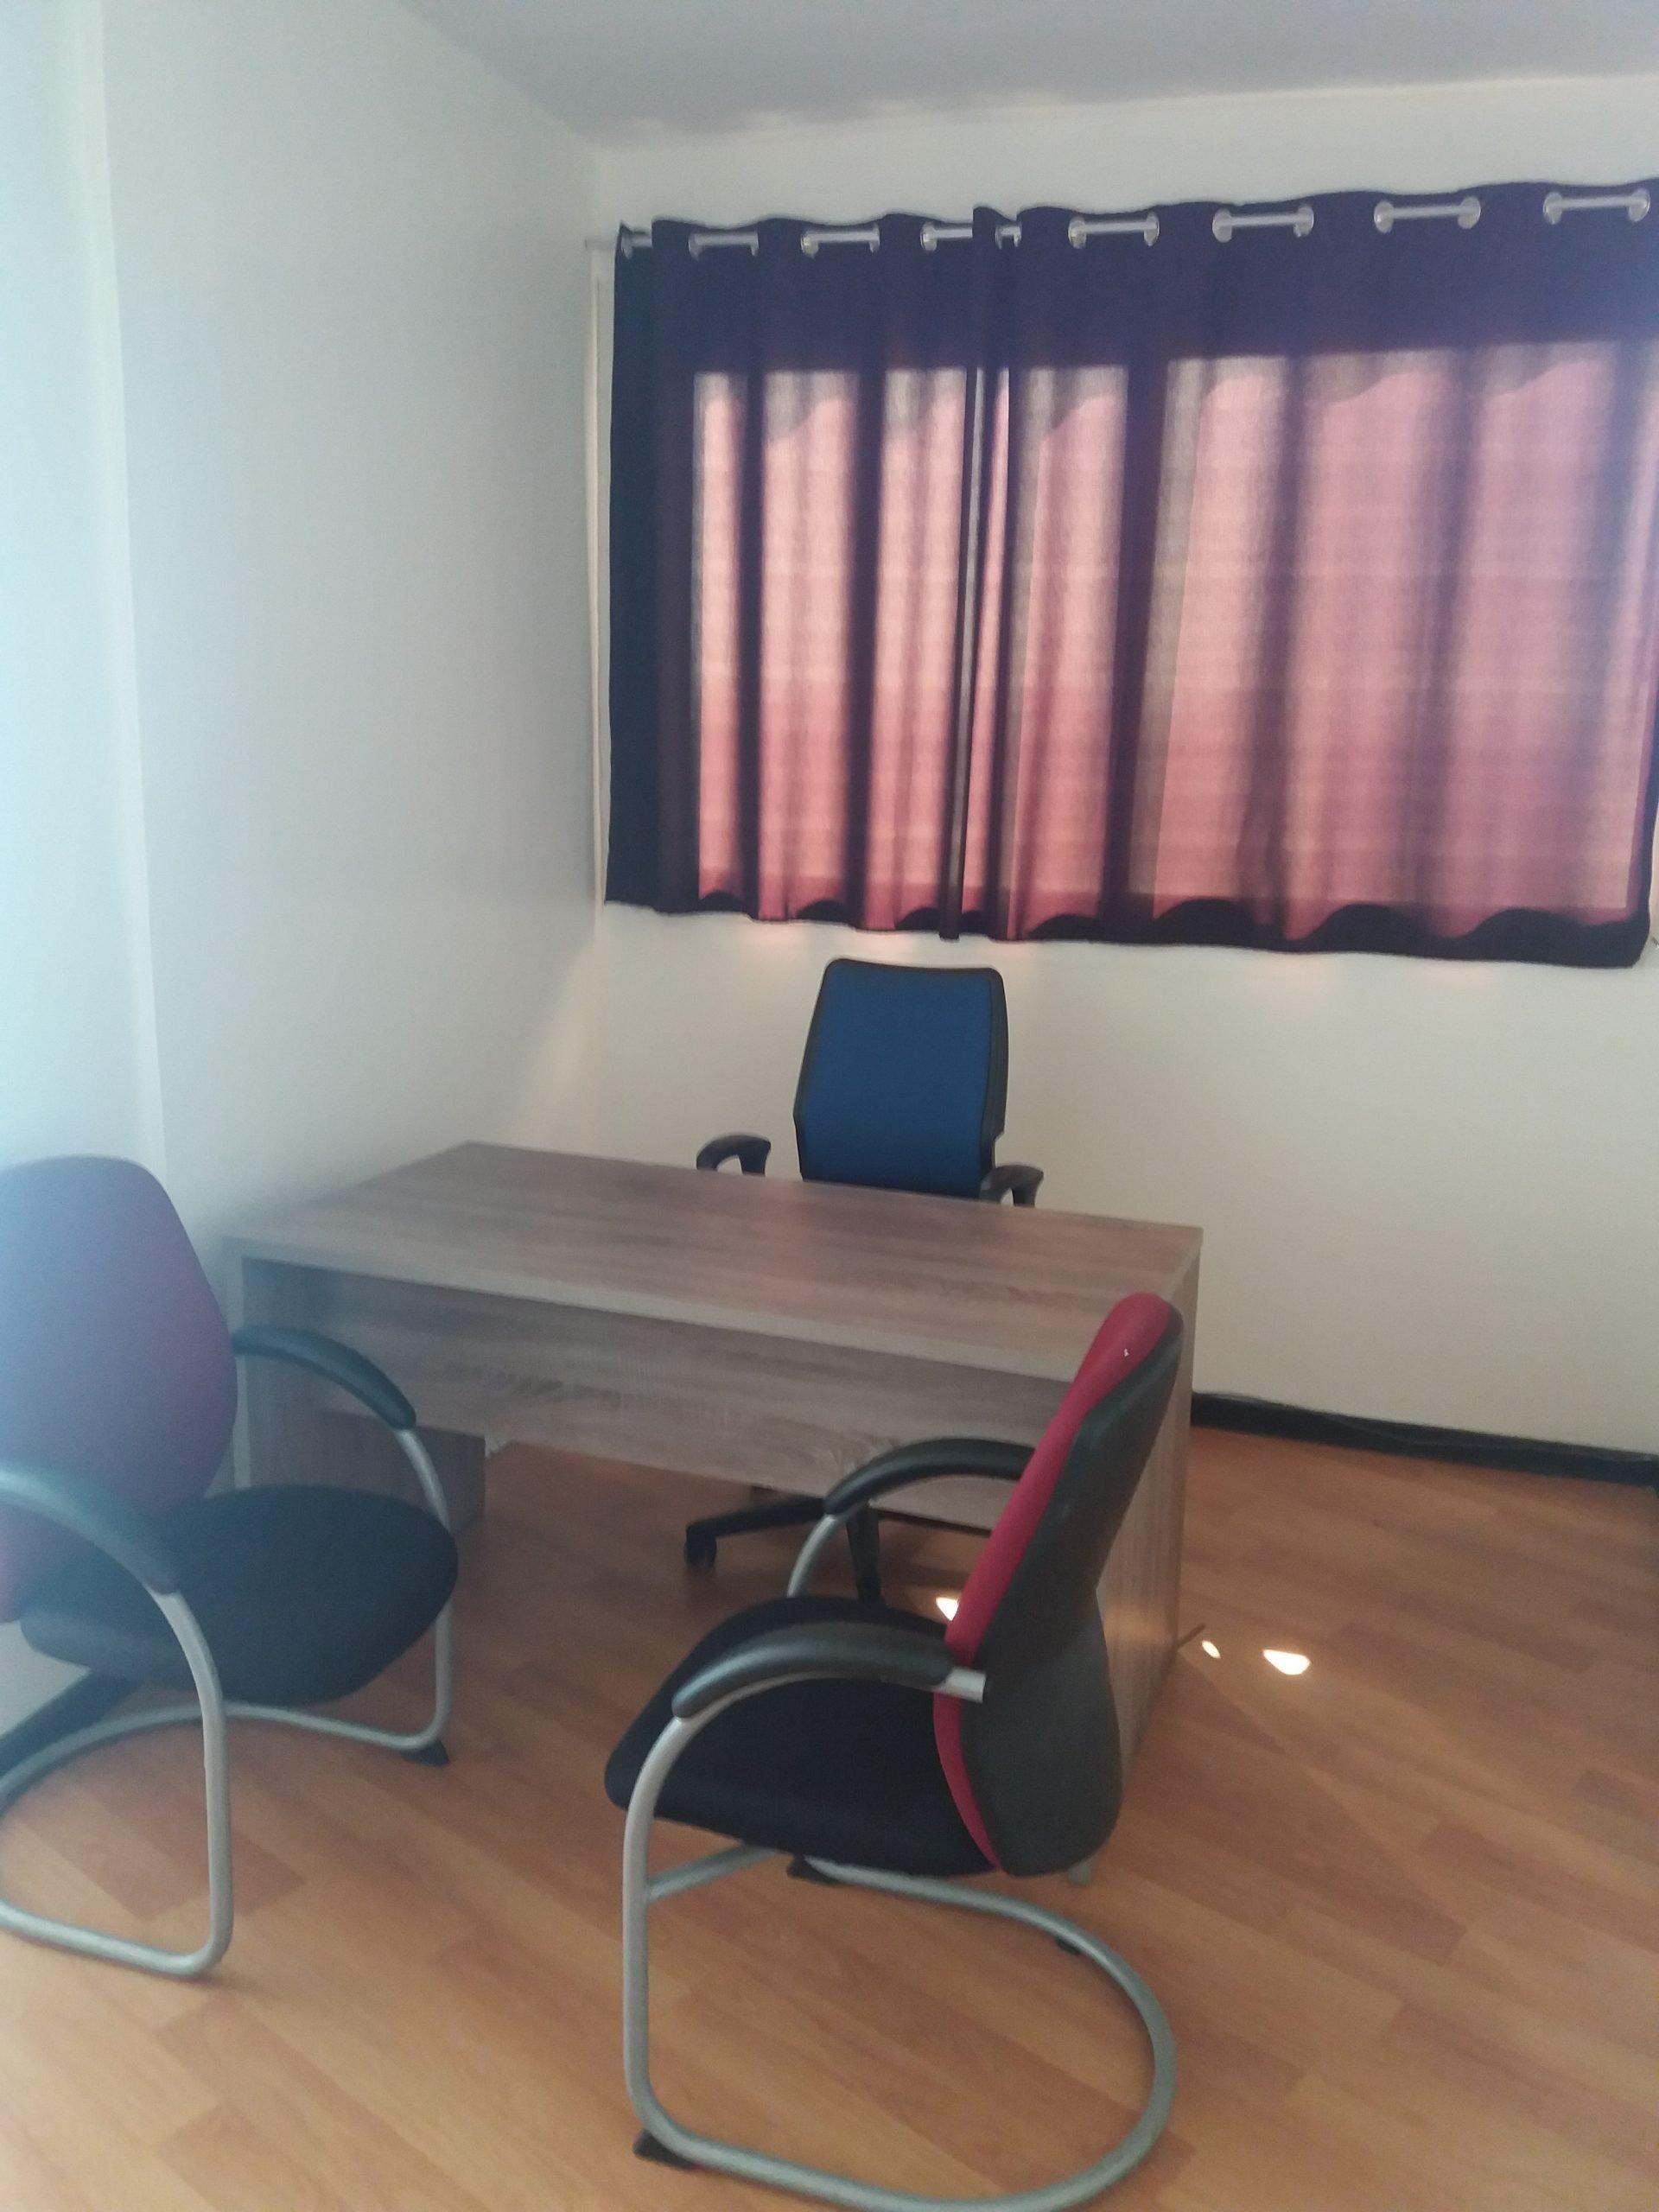 location d'espaces de bureaux equipés